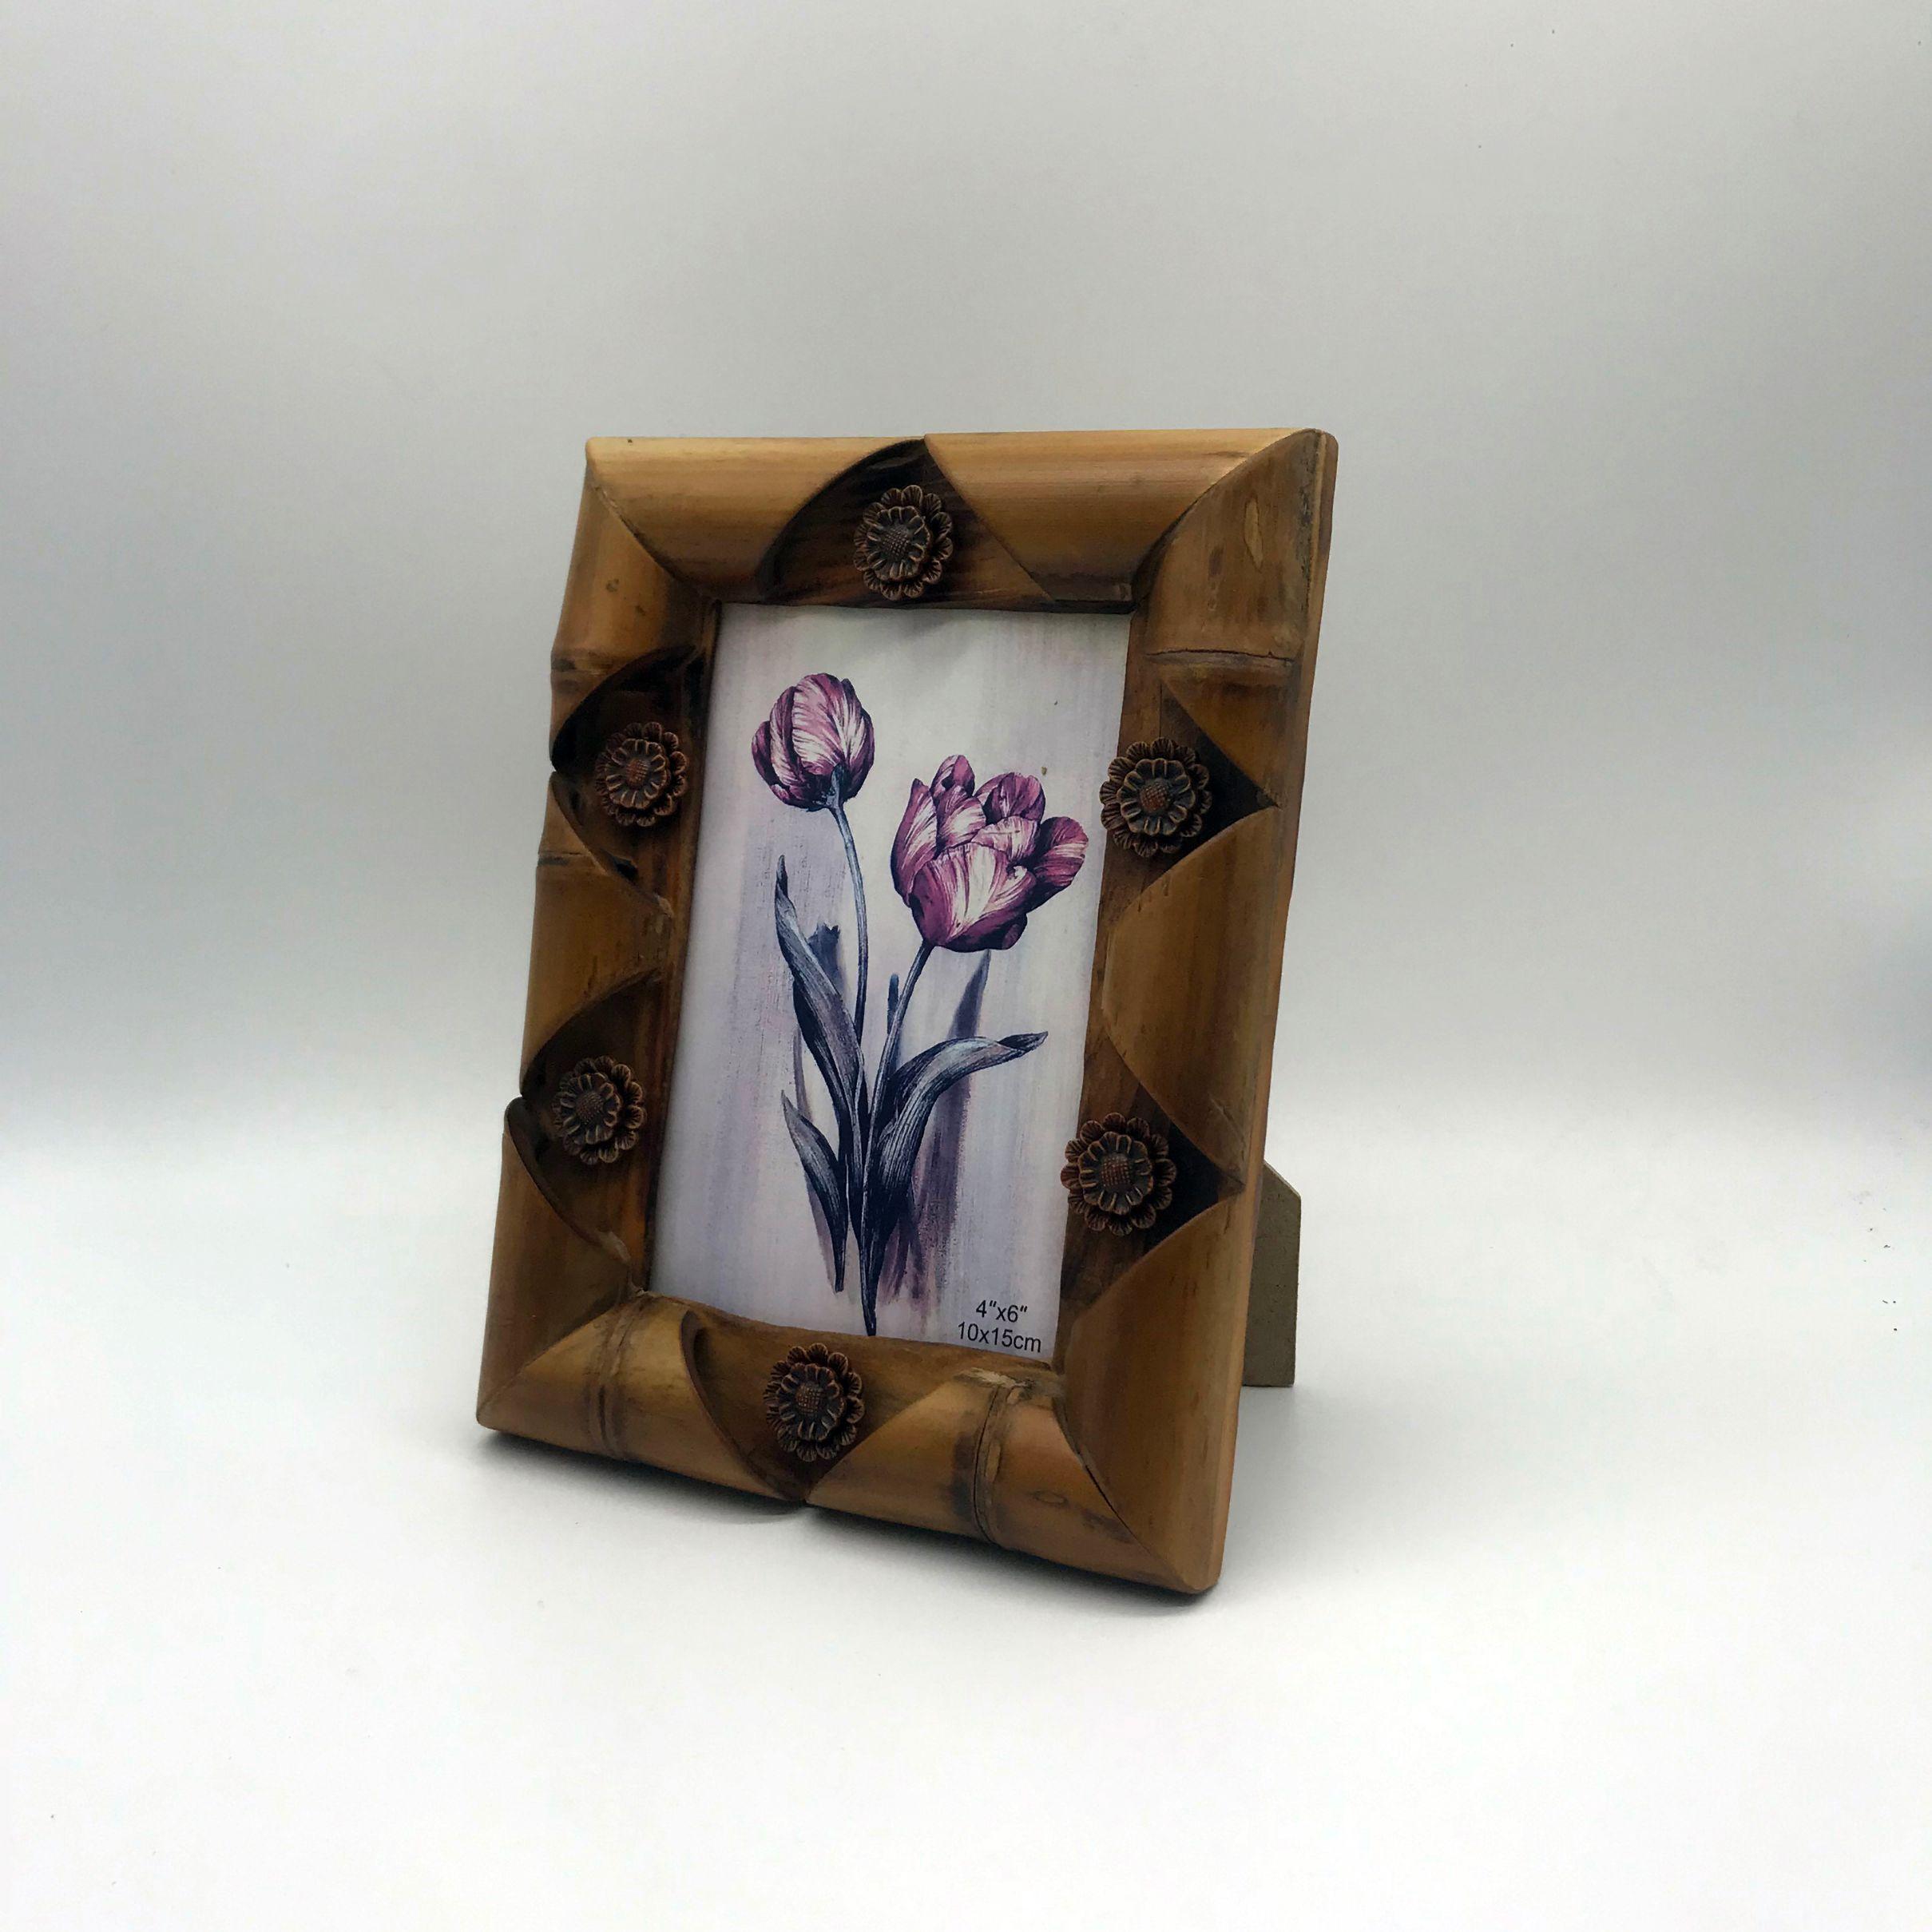 6寸竹子木头相框画框咖啡花手工创意现代简约摆件礼品田园复古